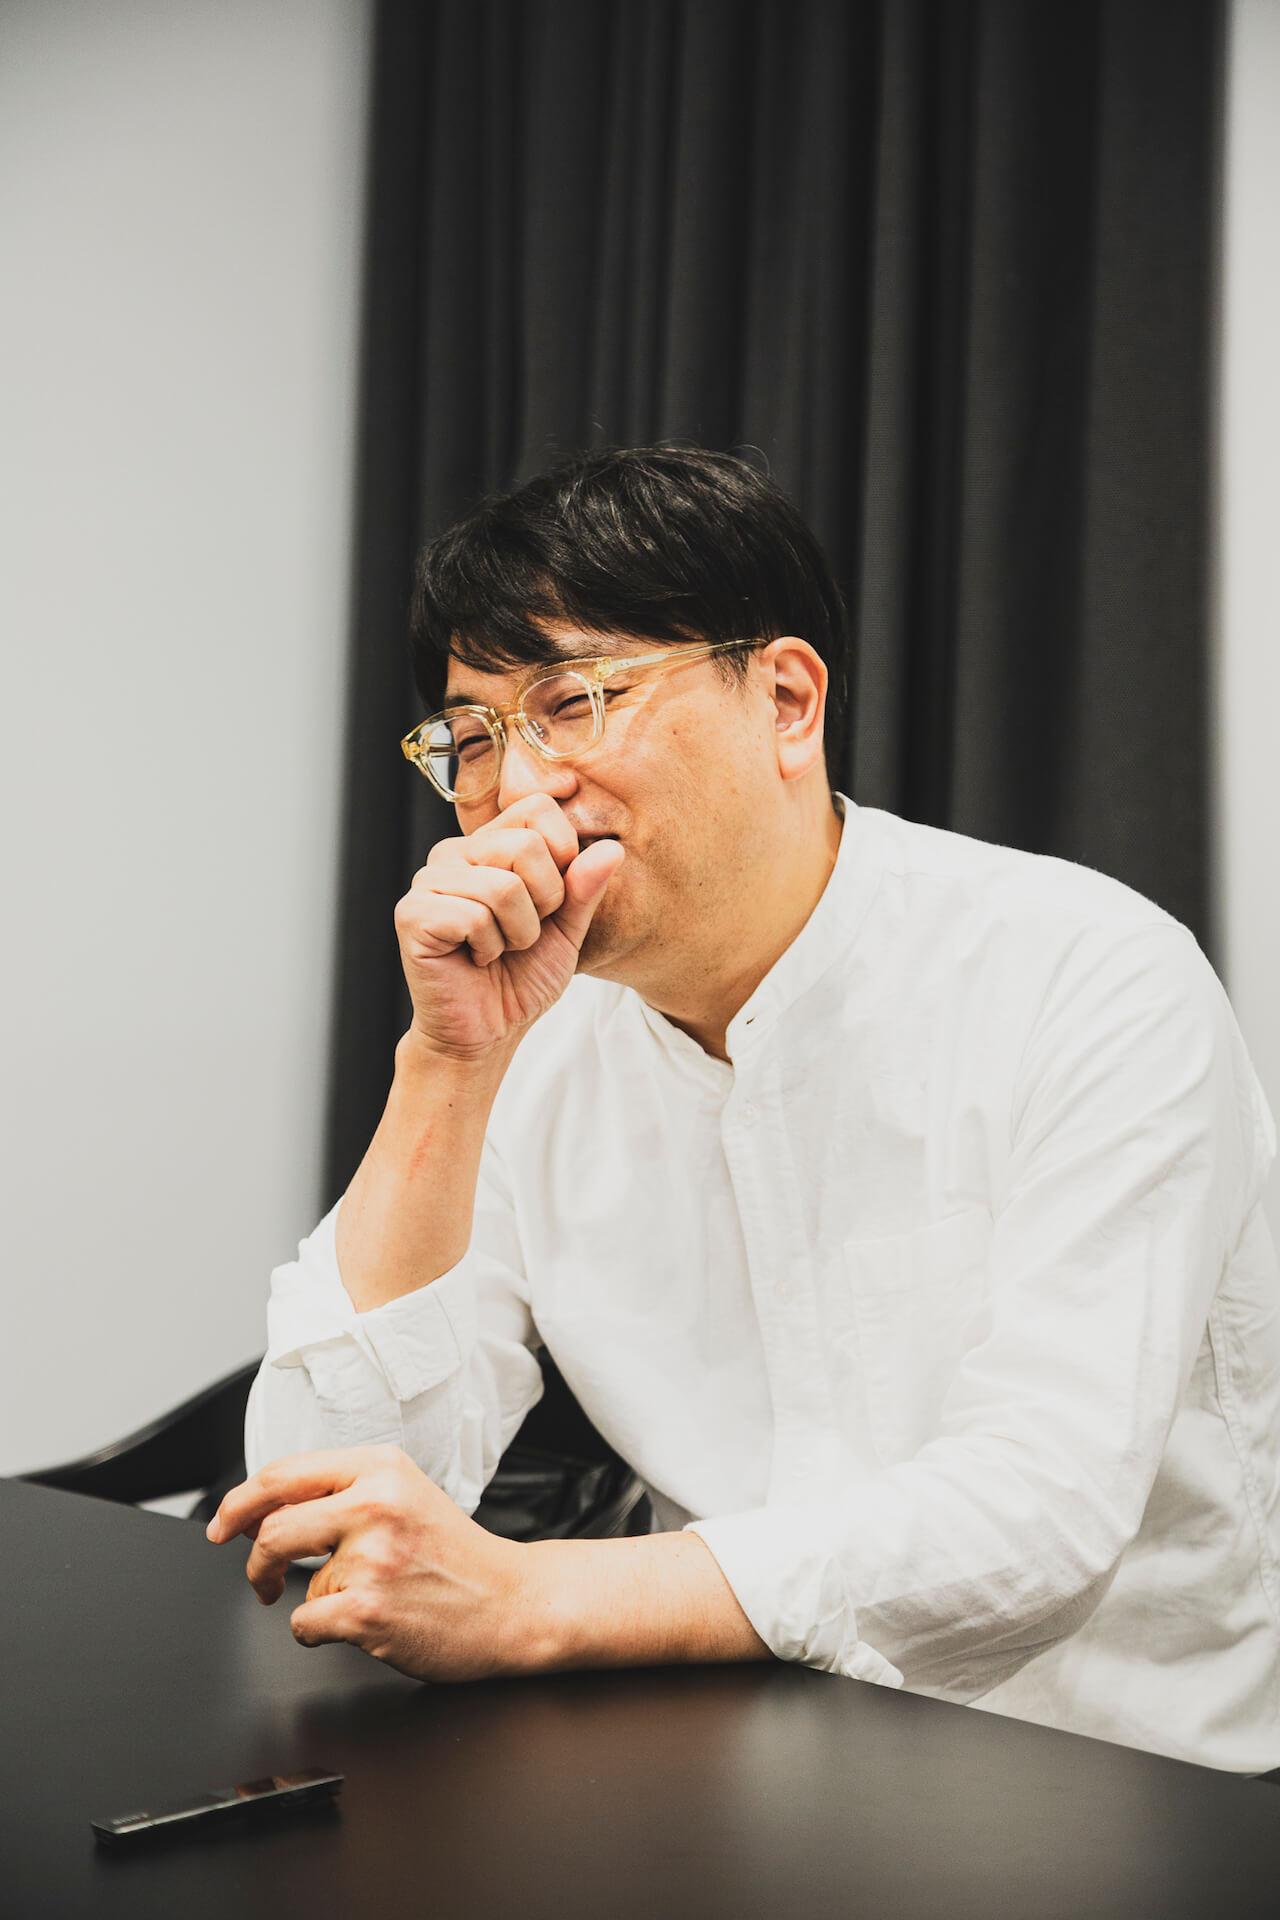 KIRINJI堀込と千ヶ崎が探る、現代に響く音とは? interview-kirinji-2